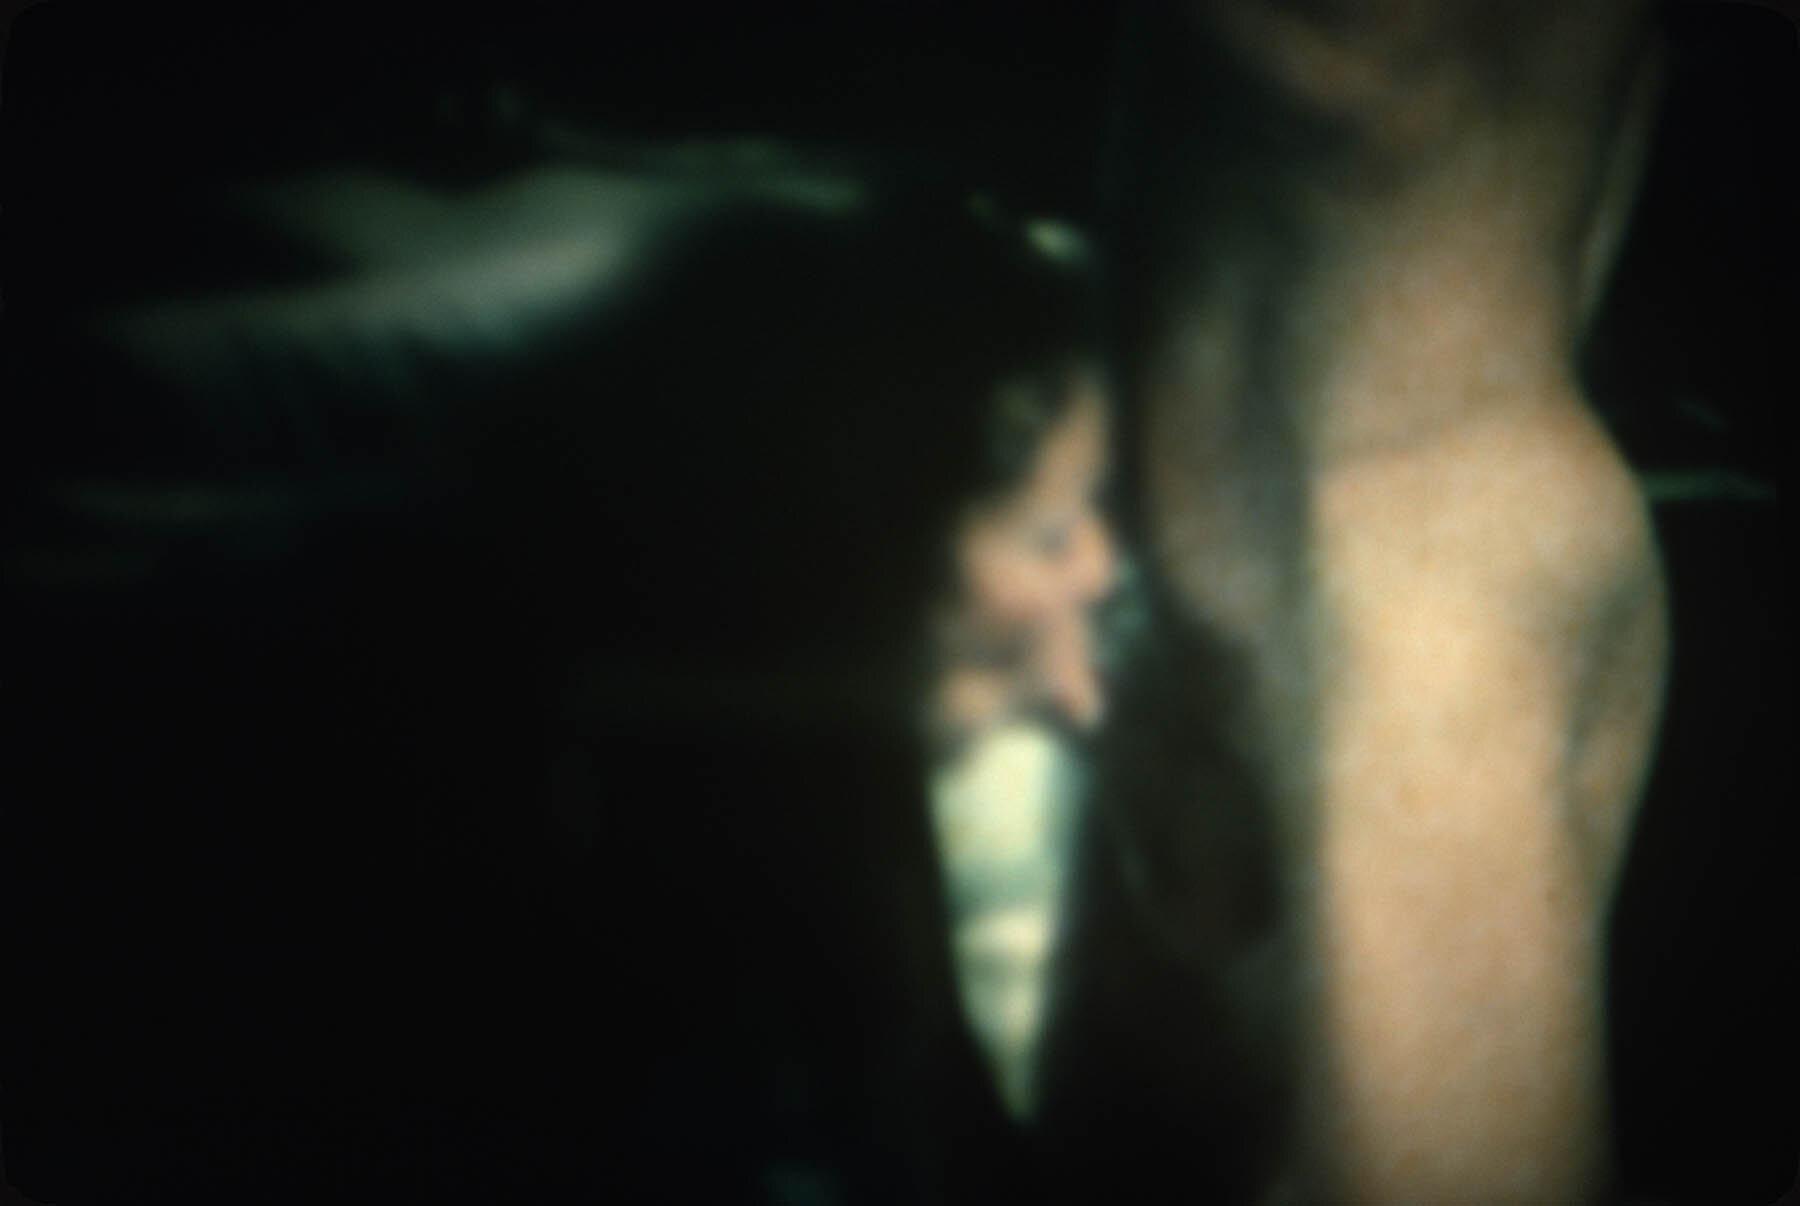 peephole04.jpg